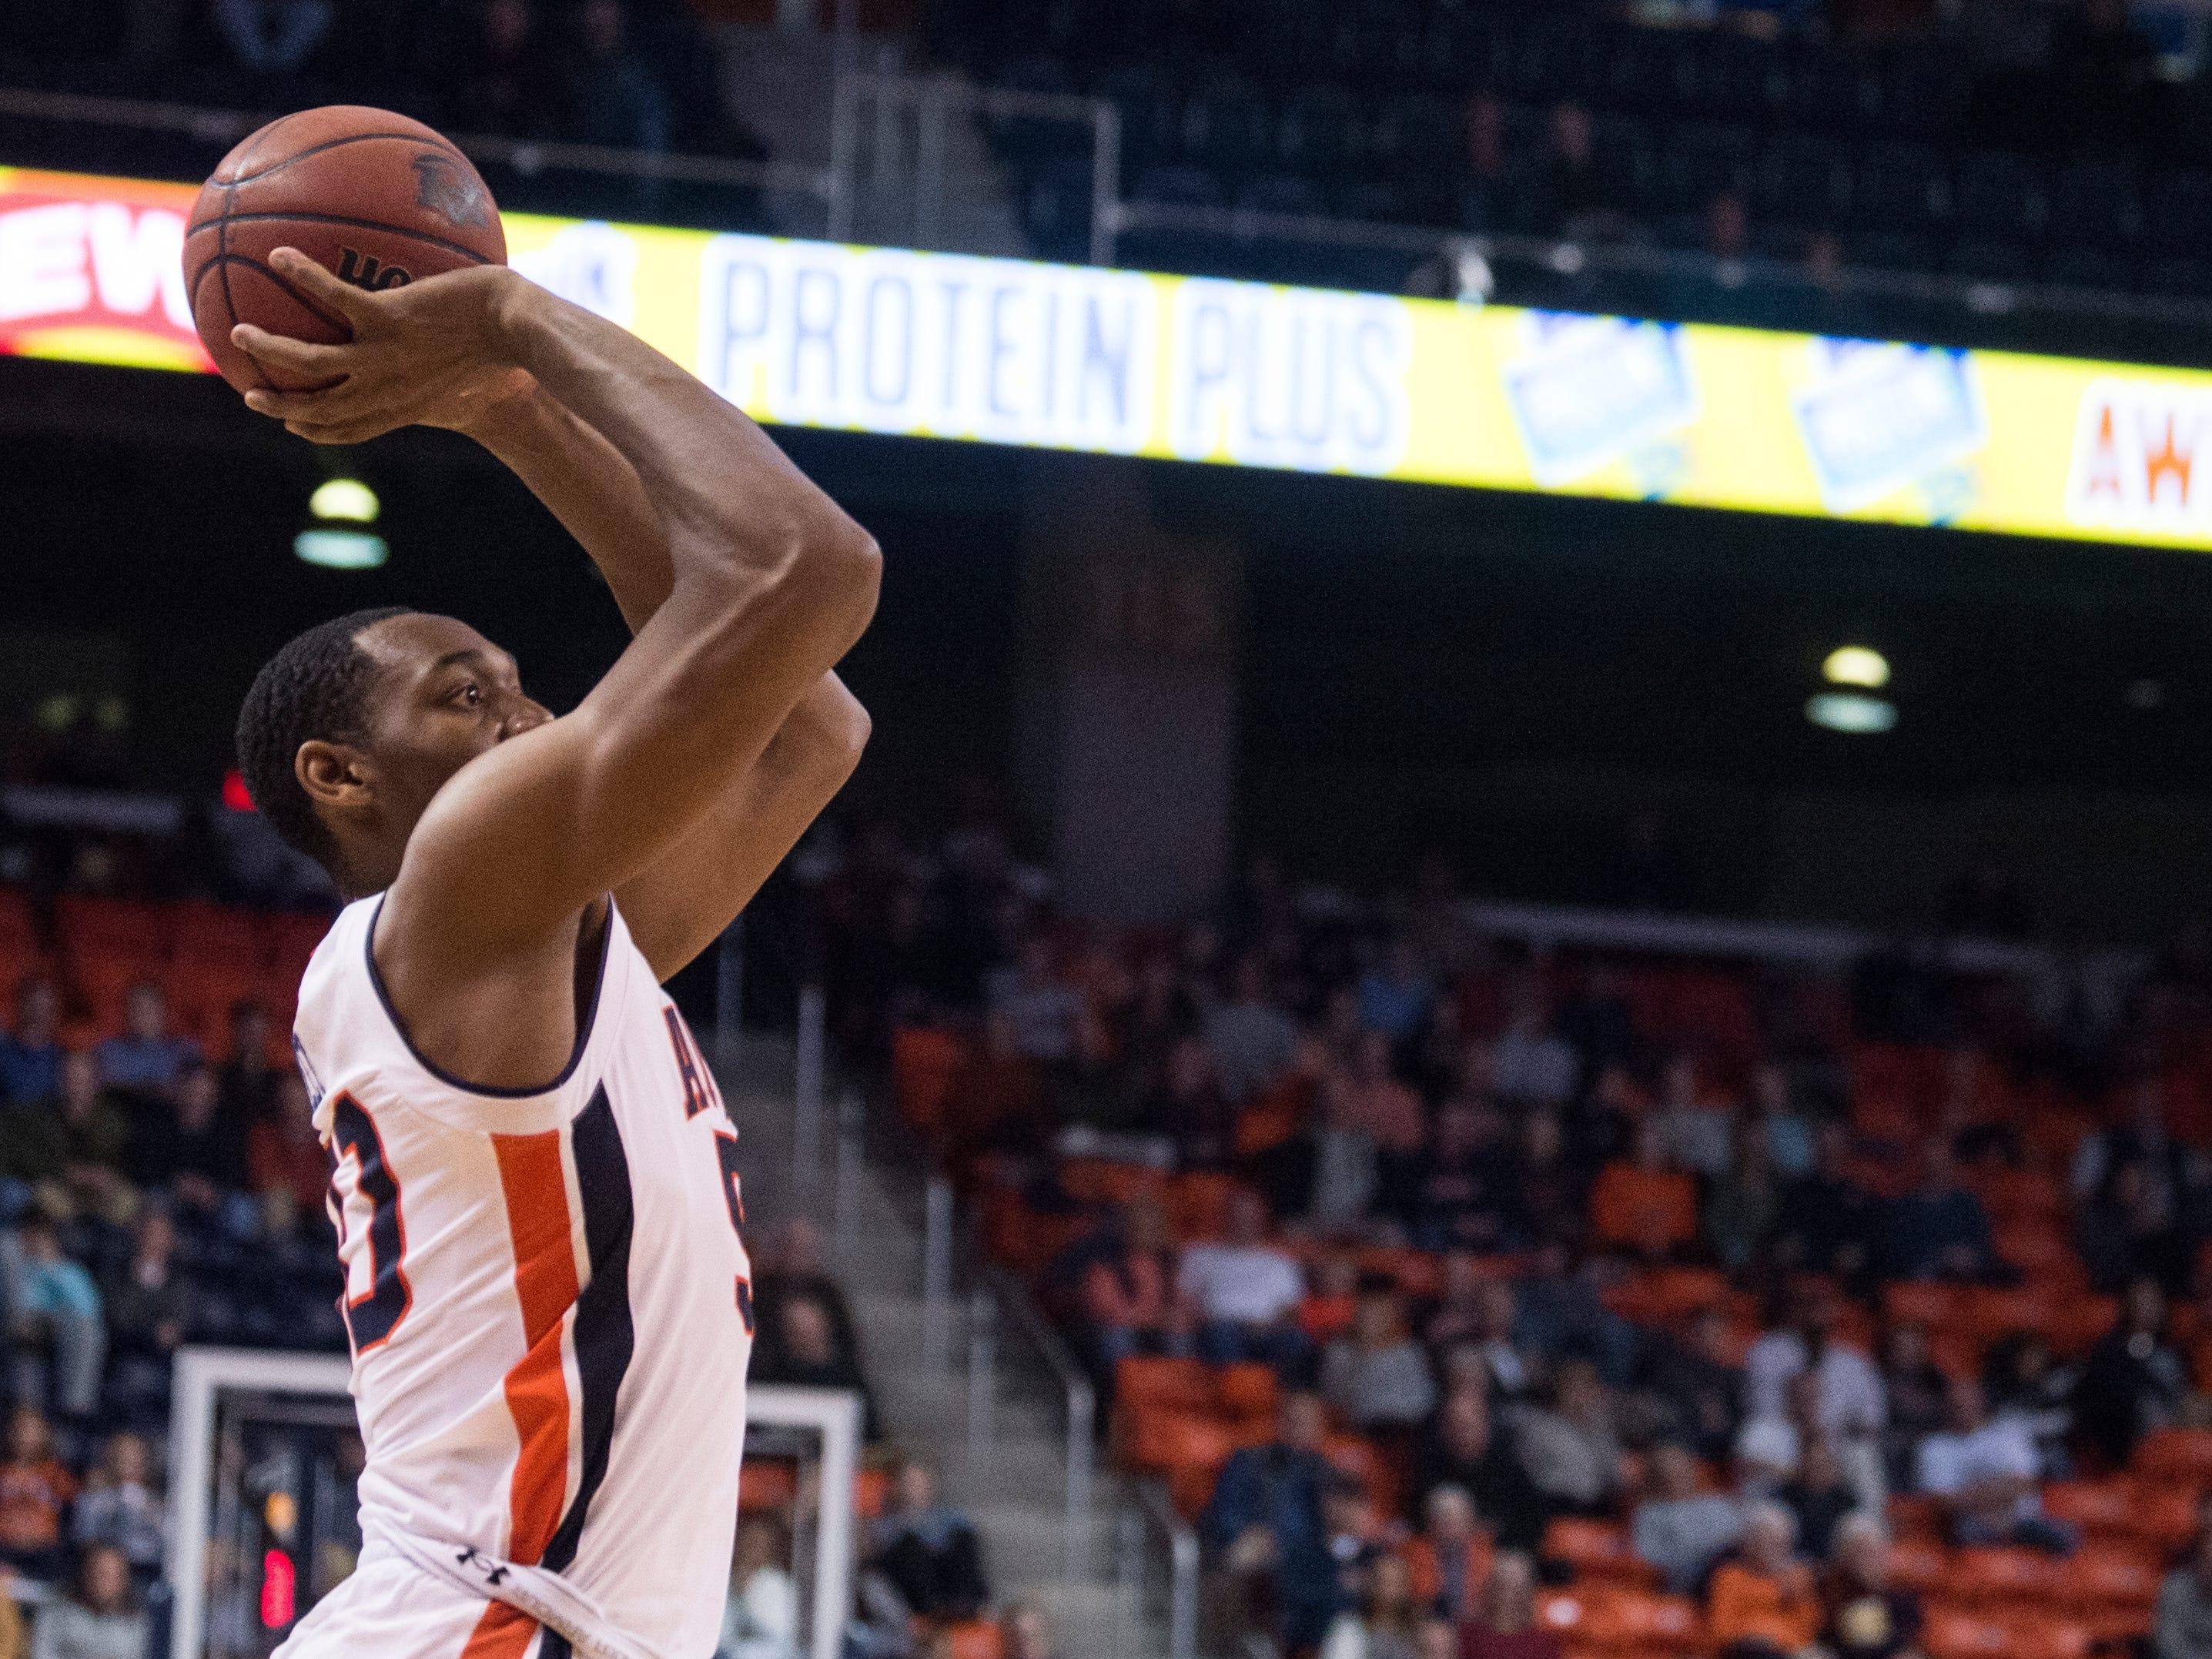 Auburn center Austin Wiley (50) takes a jump shot at Auburn Arena in Auburn, Ala., on Wednesday, Nov. 28, 2018. Auburn defeated Saint Peter's 99-49.